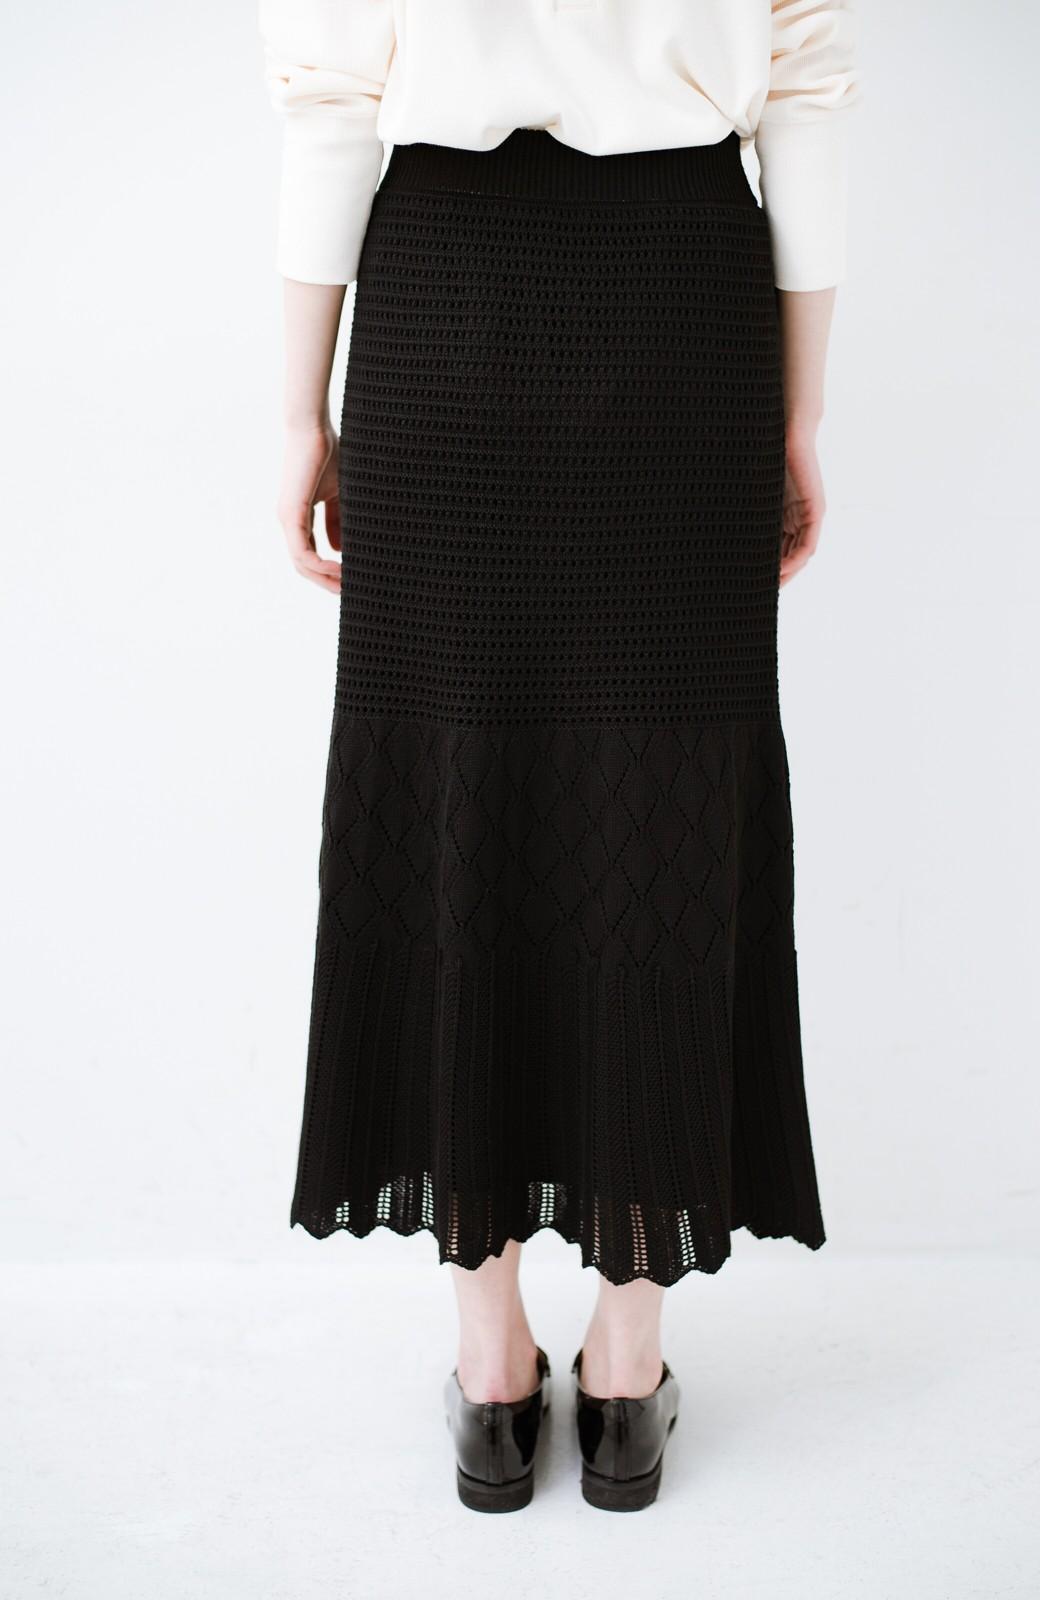 haco! 単品はもちろん重ね着してもかわいさが増す!透かし編みマーメイドスカート <ブラック>の商品写真6